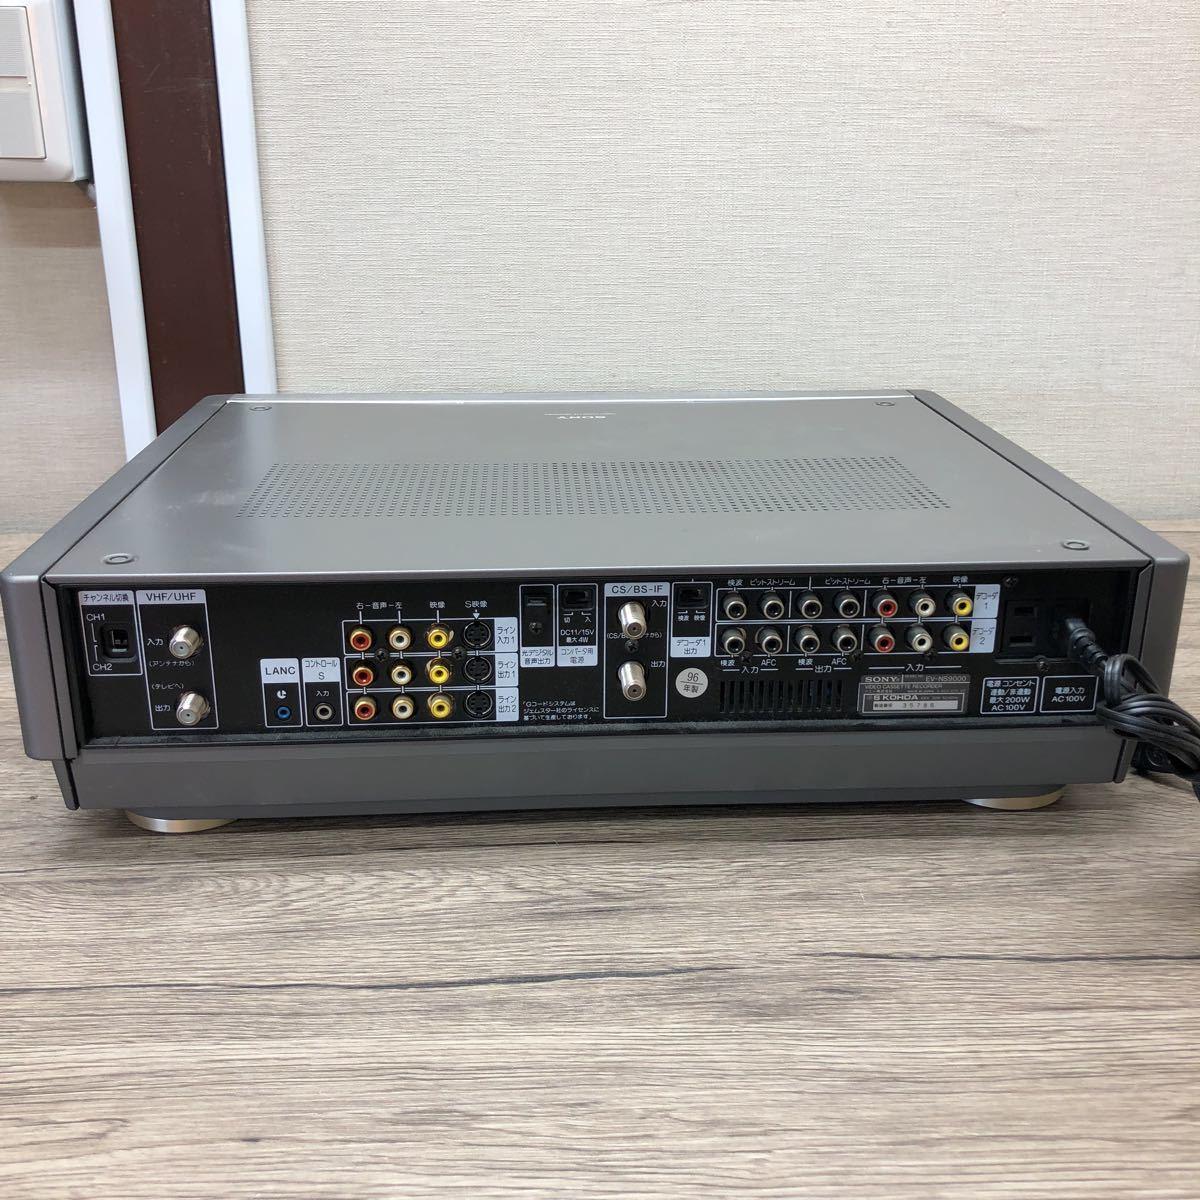 SONY/EV-NS9000/ビデオカセットレコーダー/本体のみ/【ジャンク】_画像7